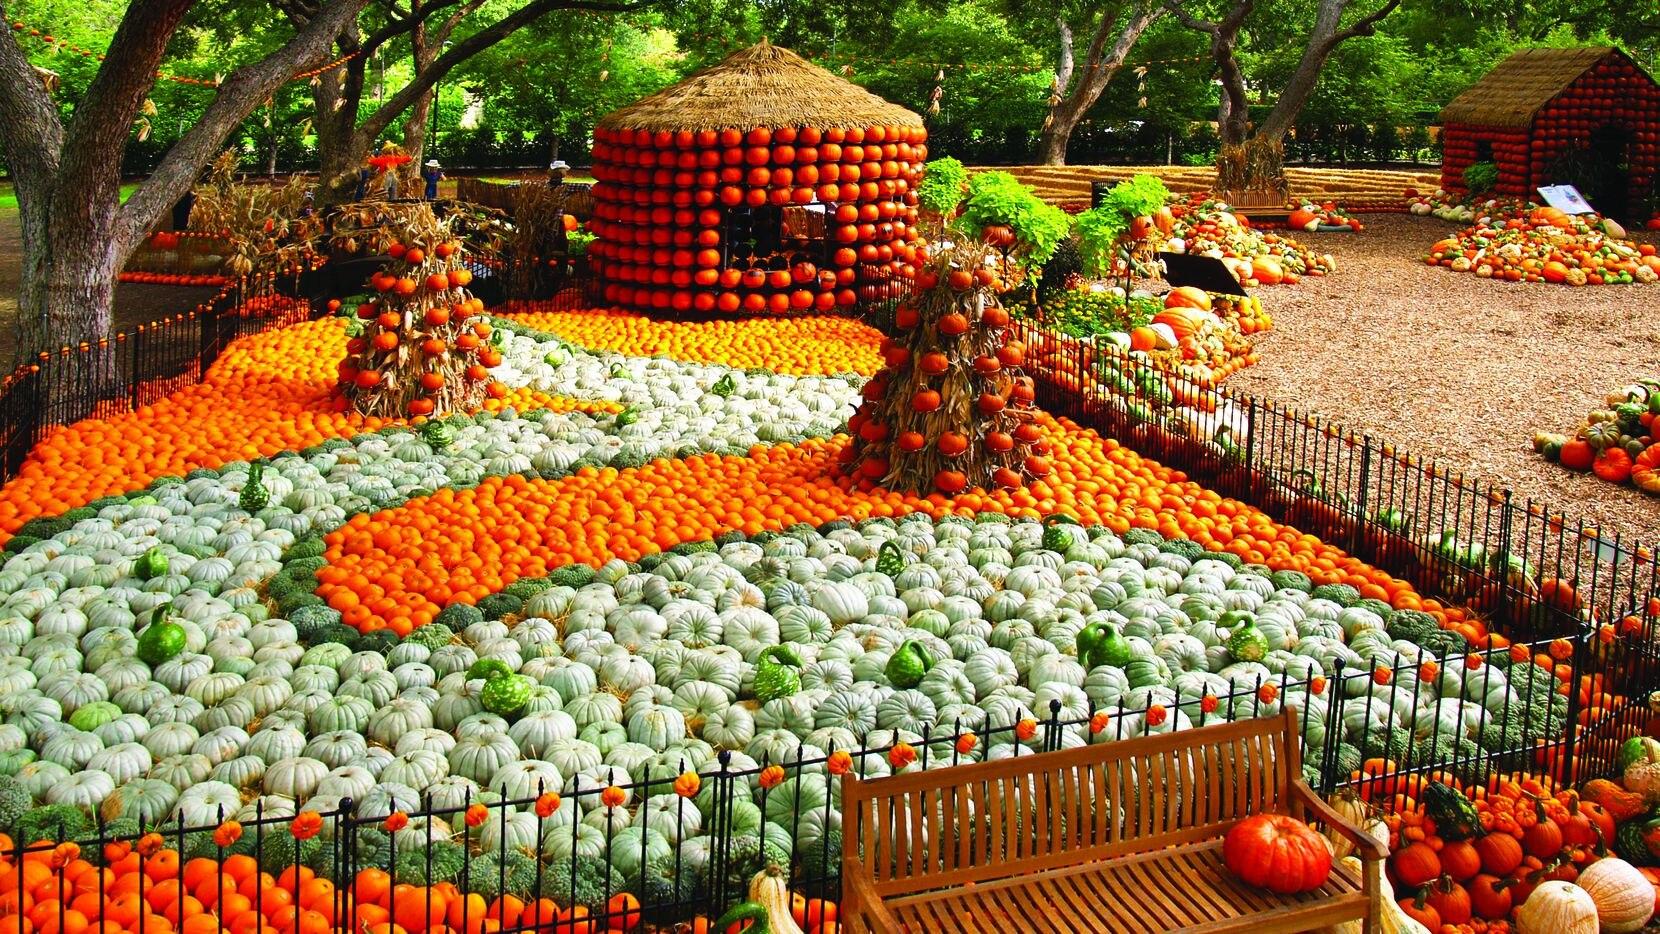 """Más de 90,000 calabazas adornarán el Dallas Arboretum este año para su festival de otoño """"The art of the pumpkin"""". La exhibición es del 19 de septiembre hasta el 1 noviembre."""